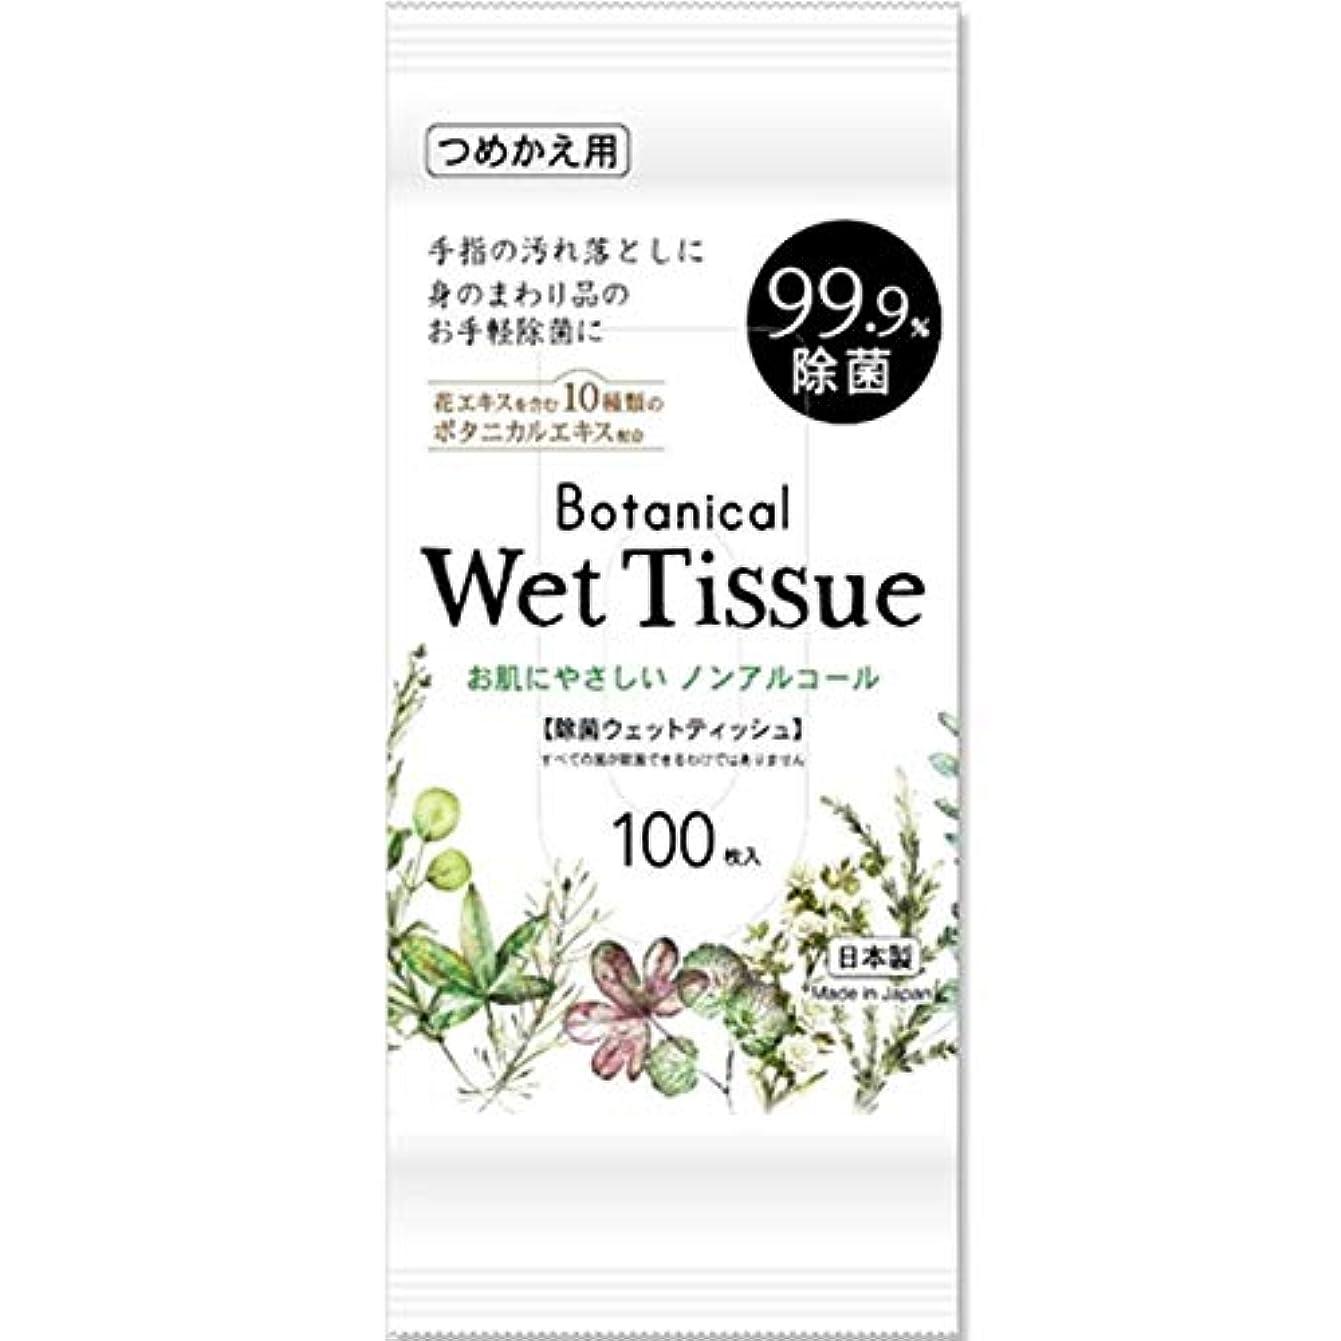 増幅キャッチ見つけたボタニカル ノンアルコール99.9%除菌ウェット 詰替 100枚【3個セット】